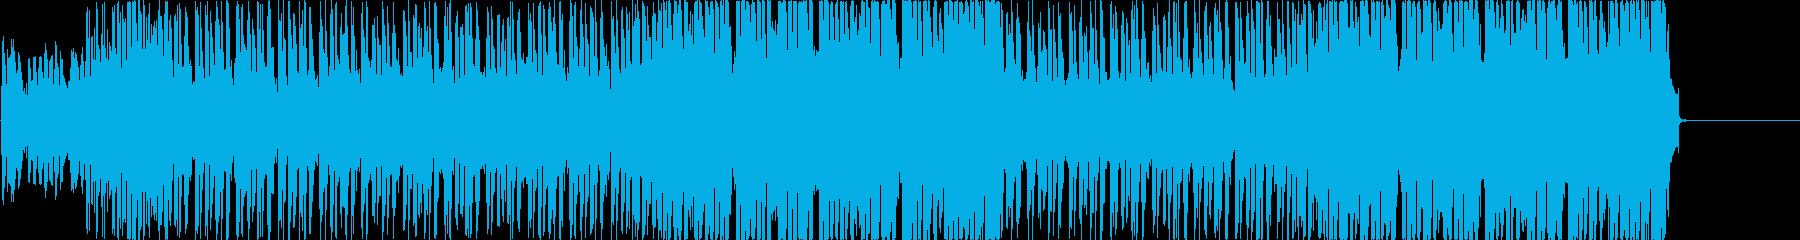 サーフなギターにコミカルなBGMの再生済みの波形